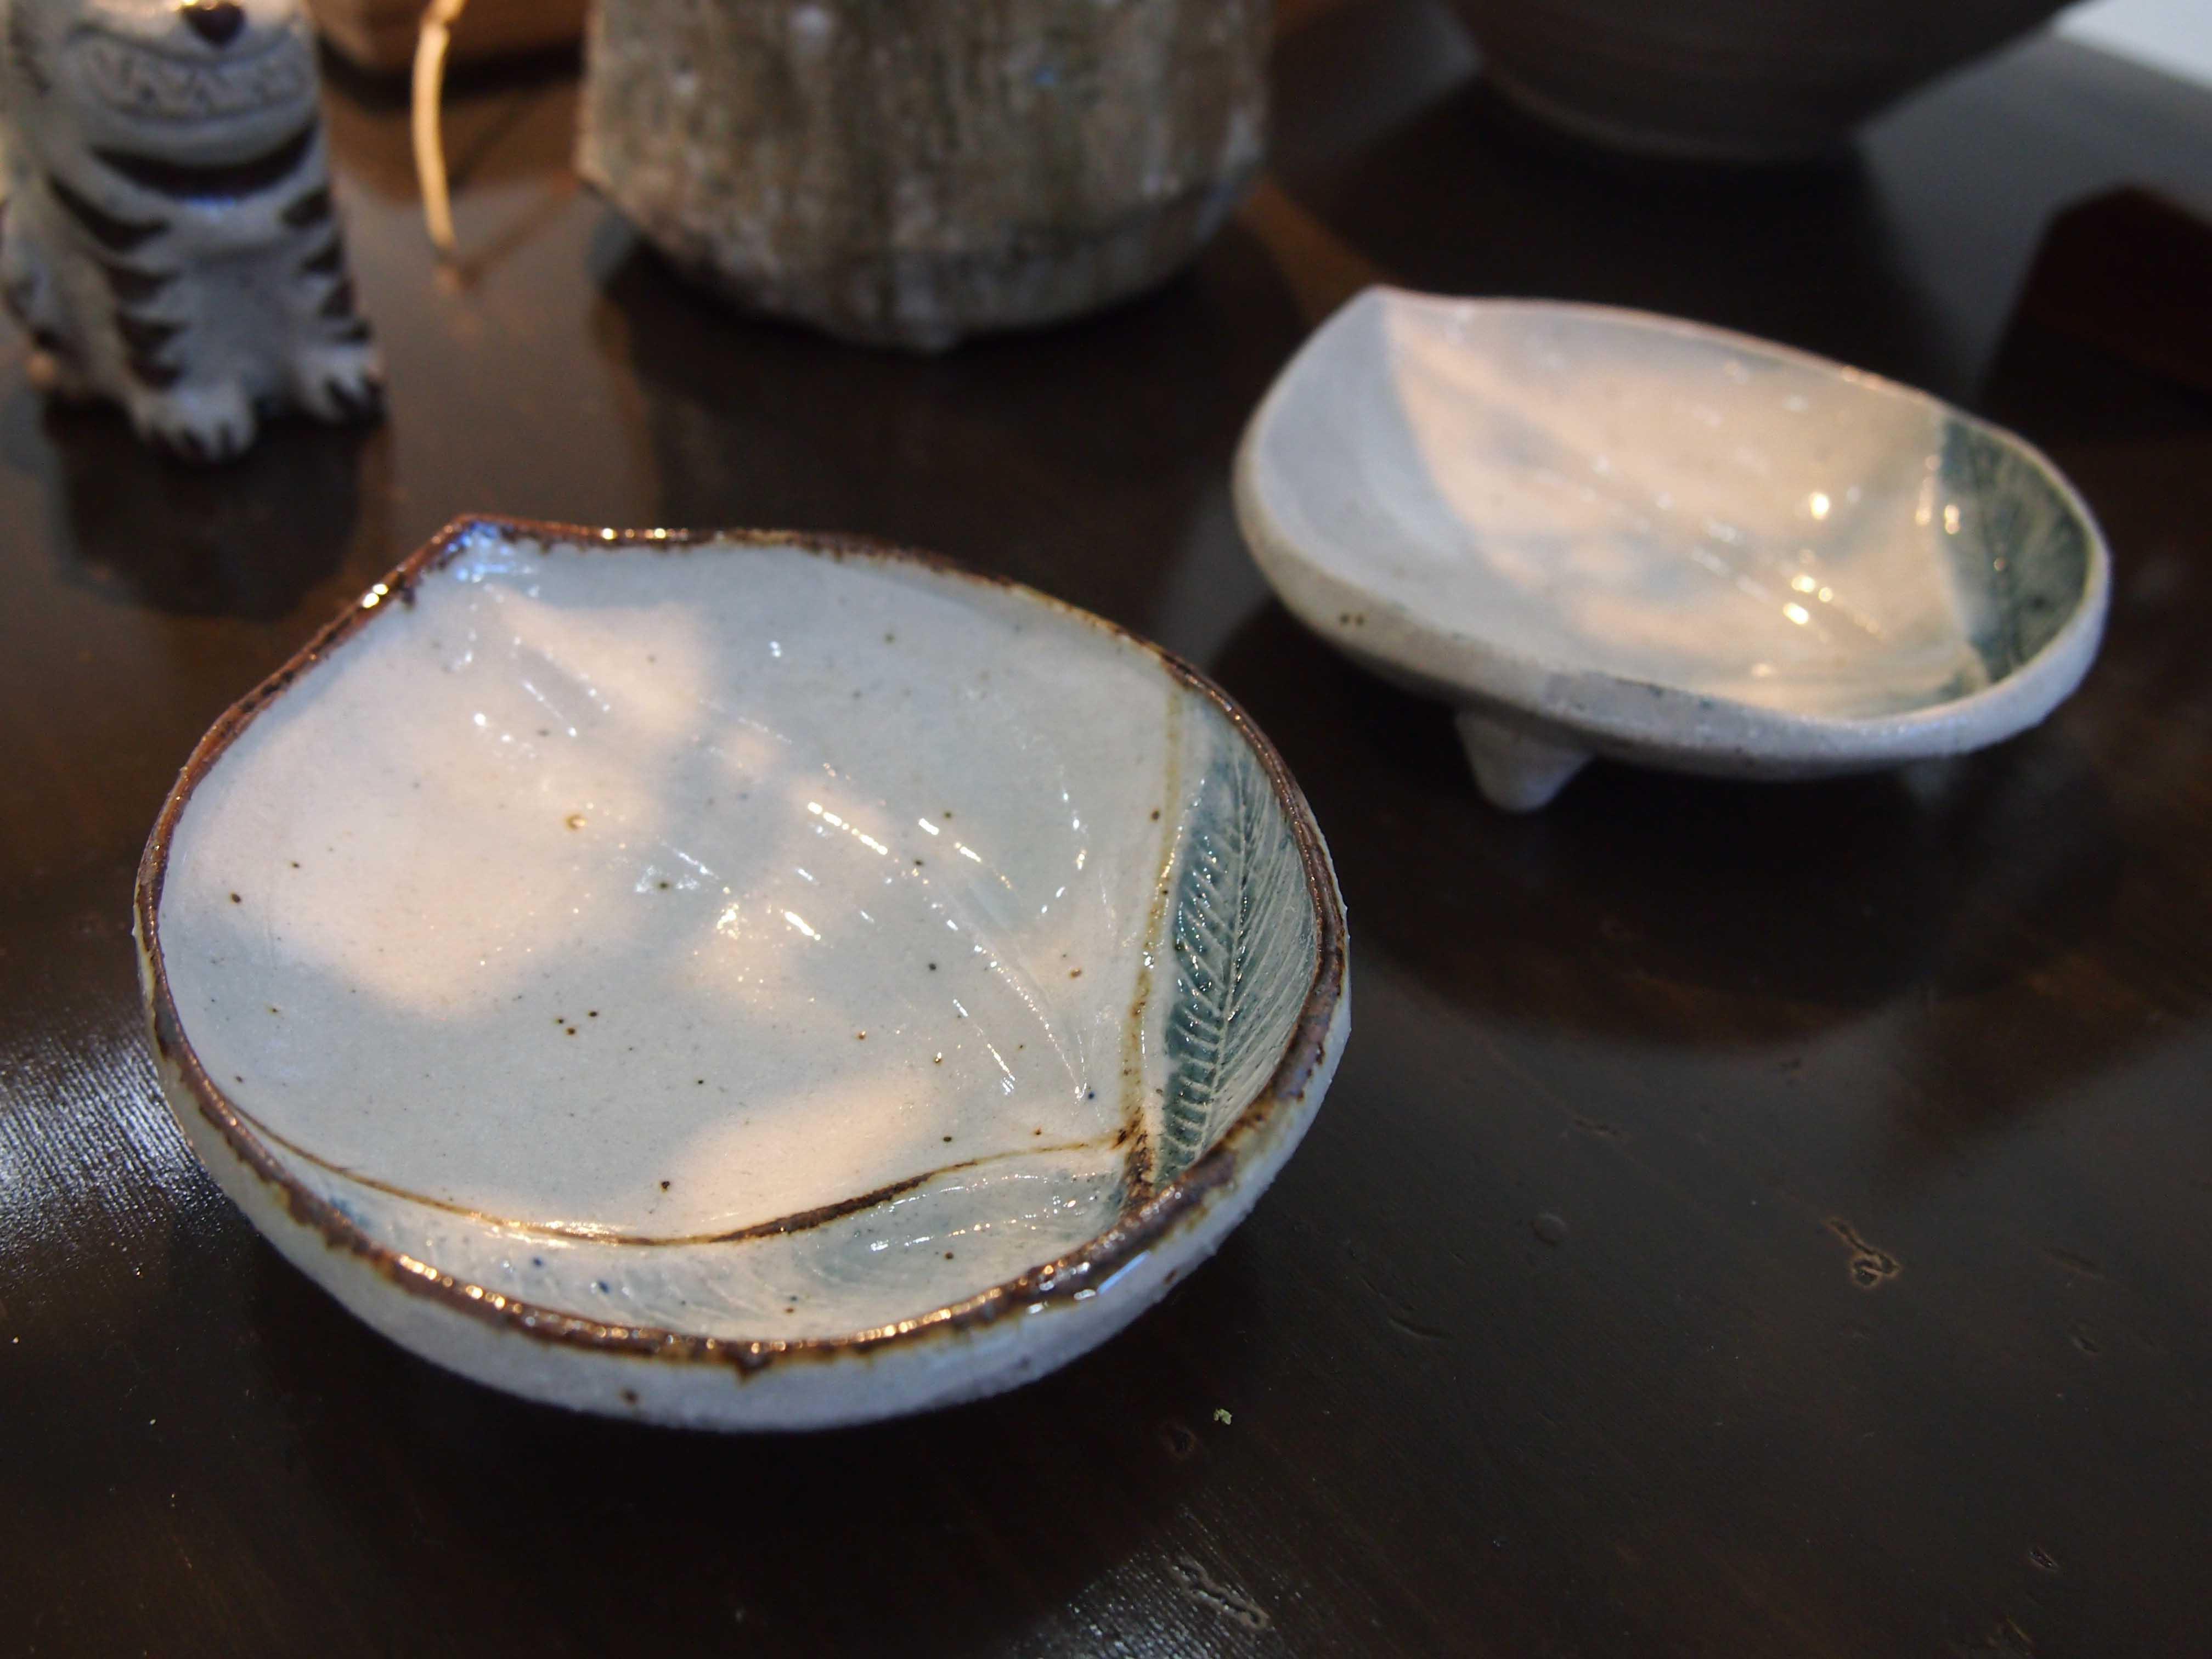 須賀文子作陶展「春の隣」@2日目_e0272050_16524365.jpg